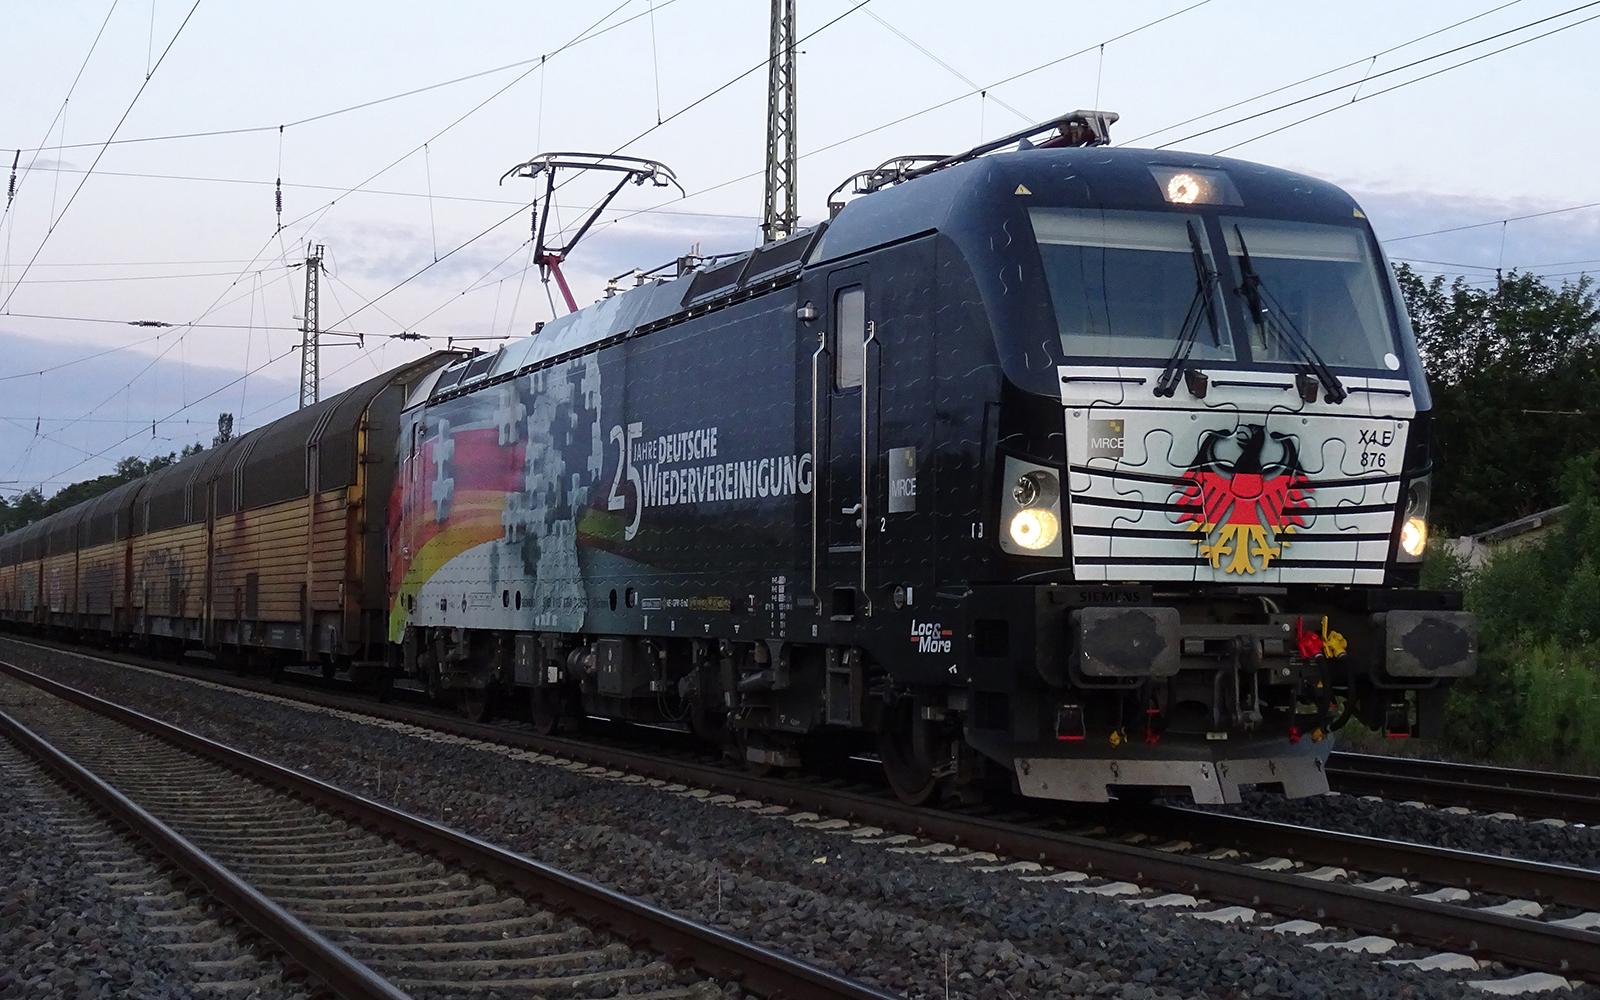 Foto: Eine für den Tag der Deutschen Einheit lackierte Siemens VECTRON der Eisenbahnlogistikers MRCE vor einem Autozug der PCT Private Car Train GmbH (PCT). DIE PCT ist ein junges EVU des renommierten Auto-Logistikers ARS Altmann AG. Züge der PCT werden selbstverständlich auch von railmen-Lokführern zuverlässig durch Deutschland gefahren. Mittlerweile fährt die PCT von der letzten Meile (Werkstattrangierdienst) bis zum nationalen Fernverkehr. Railmen-Lokführer fuhren schon vor 10 Jahren Autozüge durch die Republik damals für die TX Logistik. Die VECTRON, fotografiert von railmen-Lokführer Denis Herwig